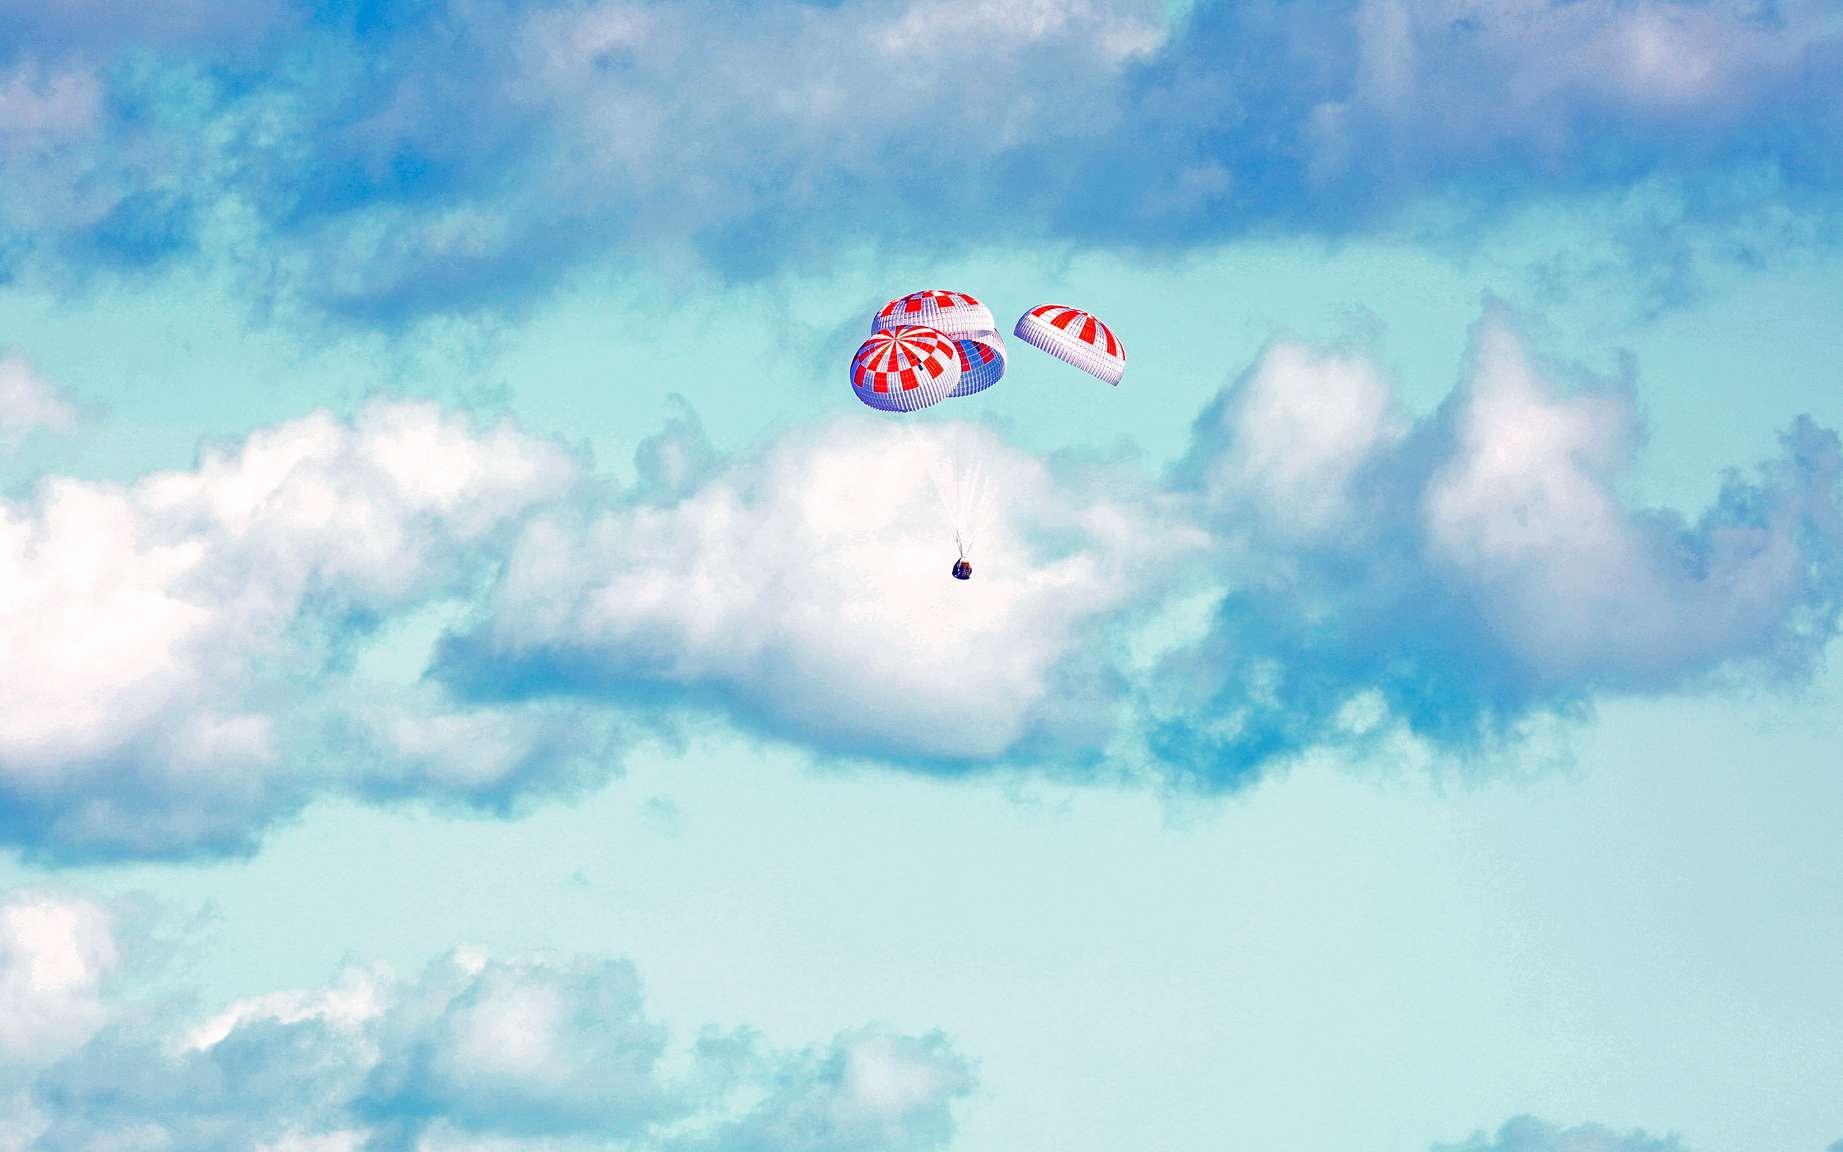 La Crew Dragon et ses quatre immenses parachutes, quelques instants avant son amerrissage sur l'océan Atlantique. © Nasa, Cory Huston